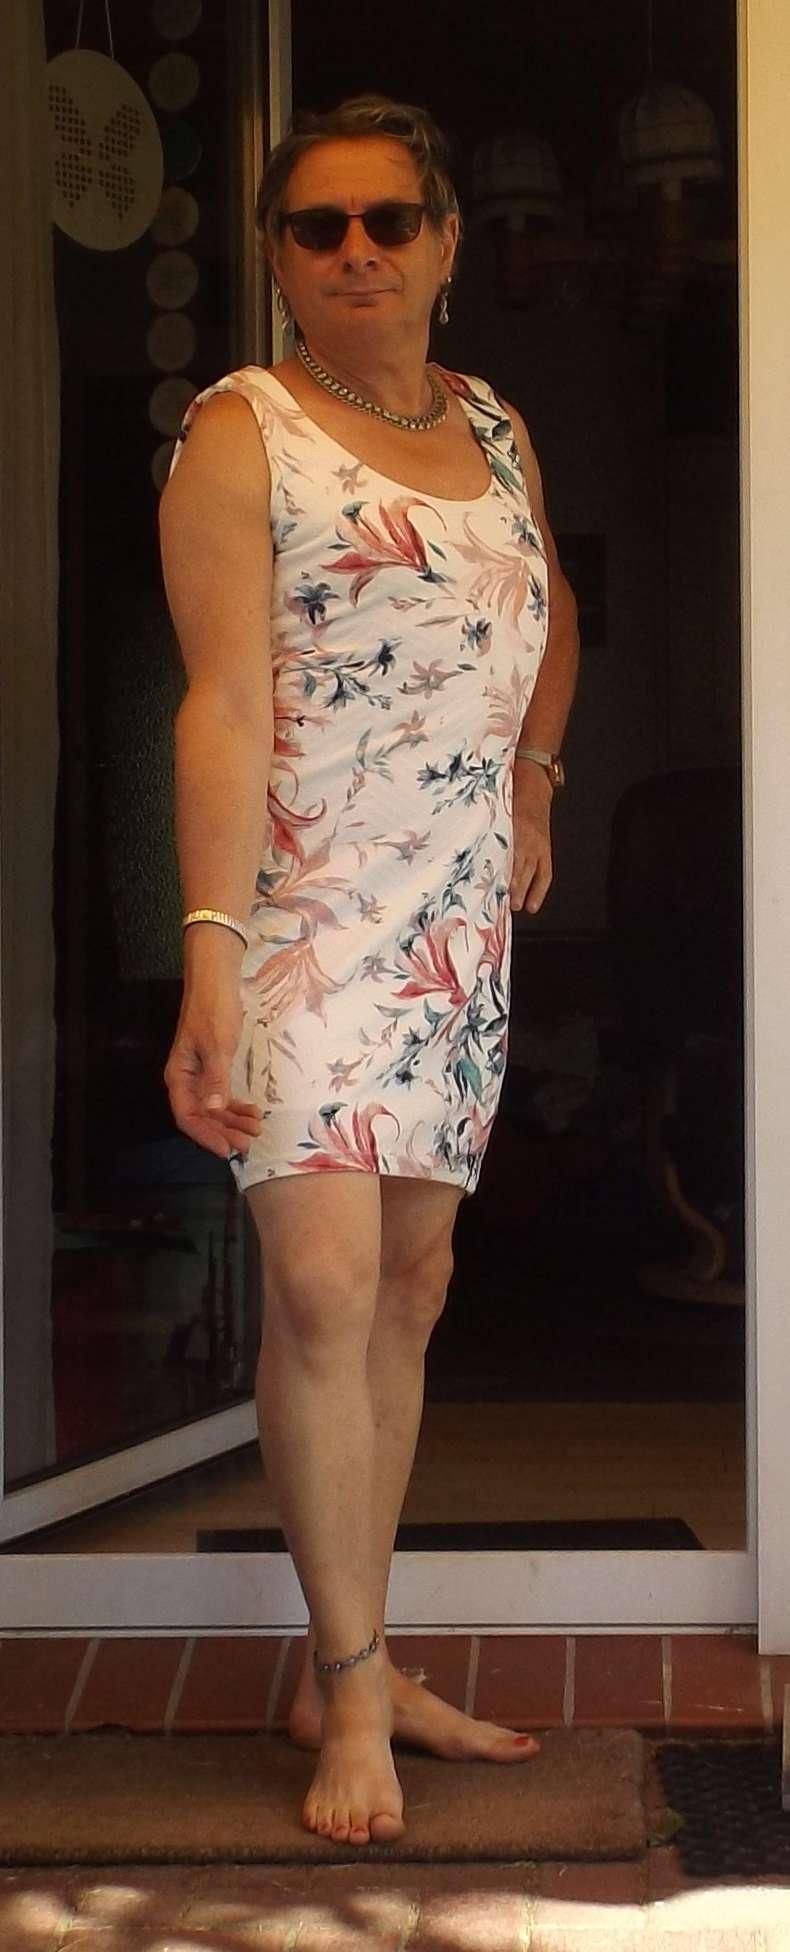 was macht ihr heute tragt ihr heute f r ein outfit 233 crossdresser transgender. Black Bedroom Furniture Sets. Home Design Ideas